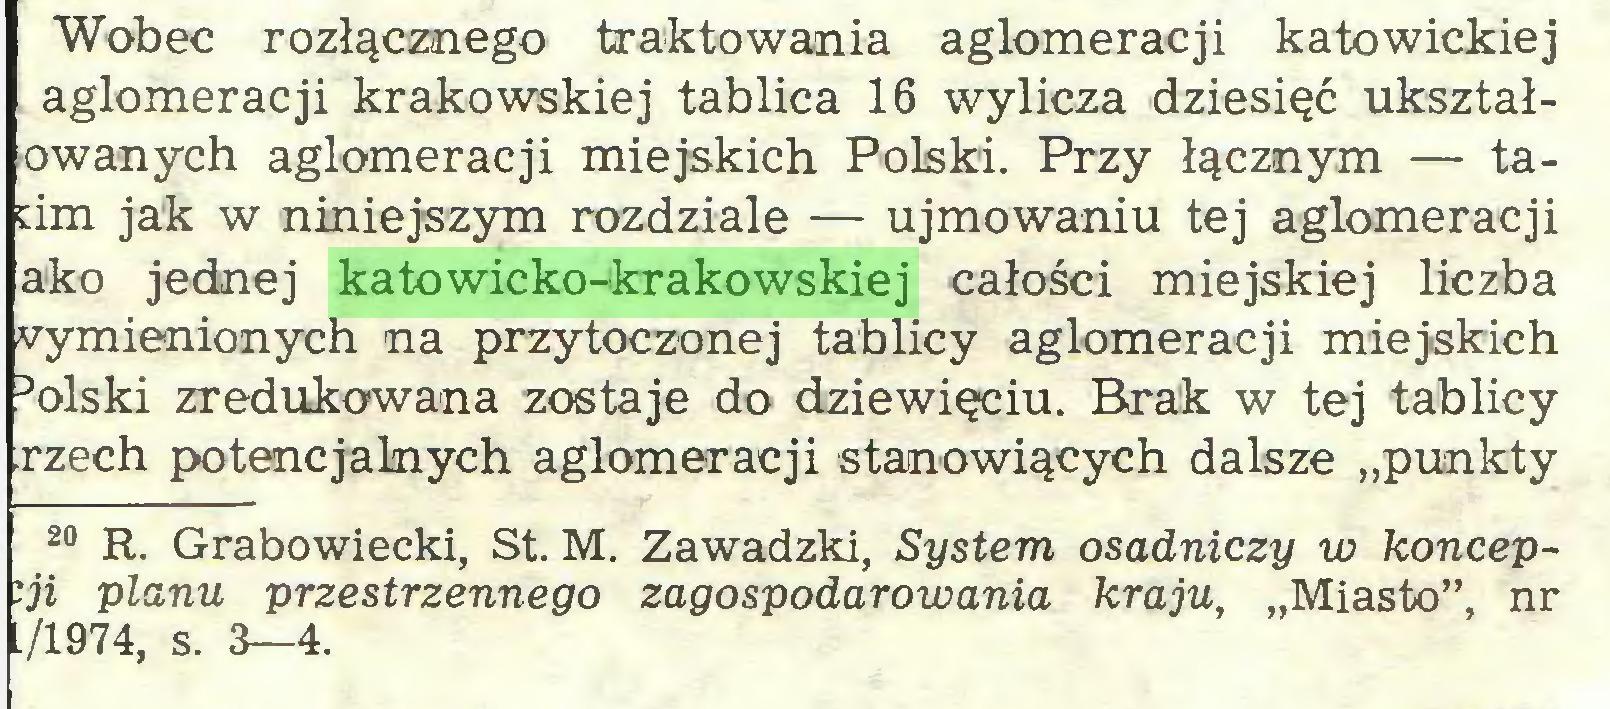 """(...) Wobec rozłącznego traktowania aglomeracji katowickiej aglomeracji krakowskiej tablica 16 wylicza dziesięć ukształowanych aglomeracji miejskich Polski. Przy łącznym — tadm jak w niniejszym rozdziale — ujmowaniu tej aglomeracji ako jednej katowicko-krakowskiej całości miejskiej liczba wymienionych na przytoczonej tablicy aglomeracji miejskich 3olski zredukowana zostaje do dziewięciu. Brak w tej tablicy rzęch potencjalnych aglomeracji stanowiących dalsze """"punkty 20 R. Grabowiecki, St. M. Zawadzki, System osadniczy w koncepcji planu przestrzennego zagospodarowania kraju, """"Miasto"""", nr 1/1974, s. 3—4..."""